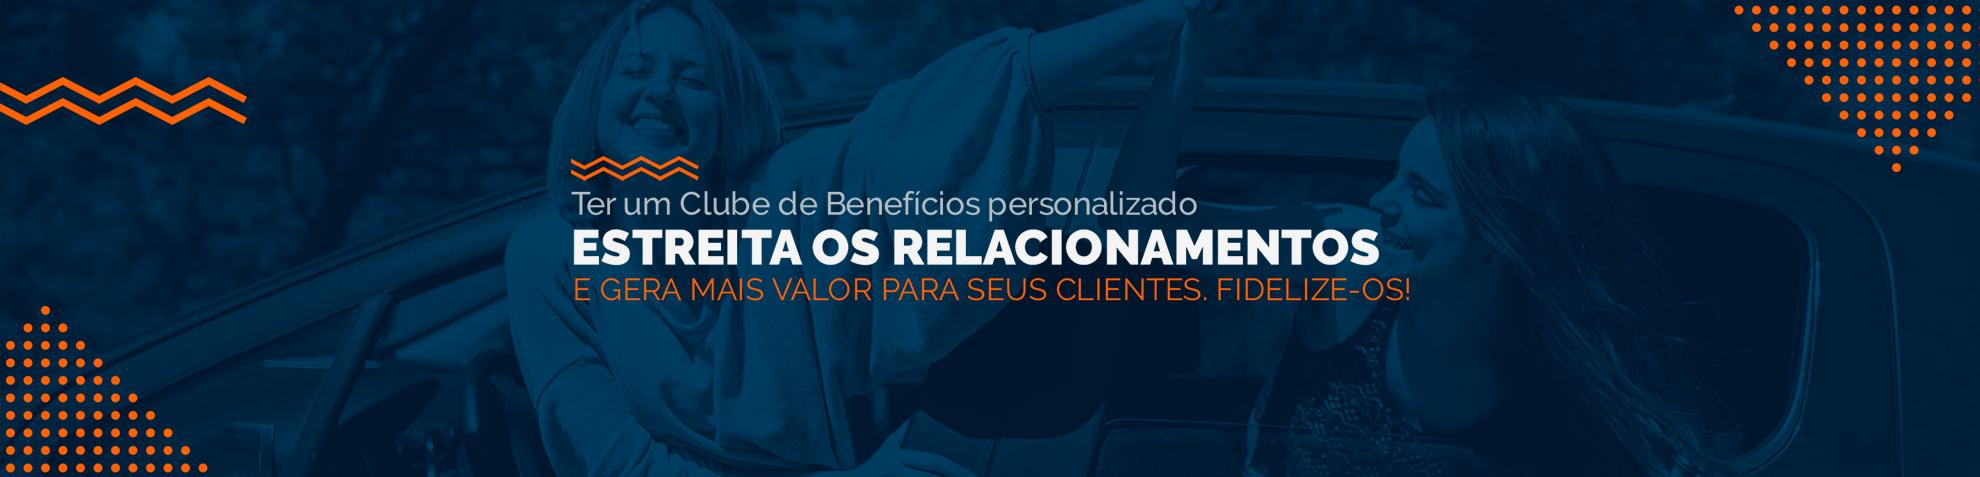 Criamos-e-gerenciamos-Clubes-de-Beneficios-personalizados-para-sua-empresa_ok